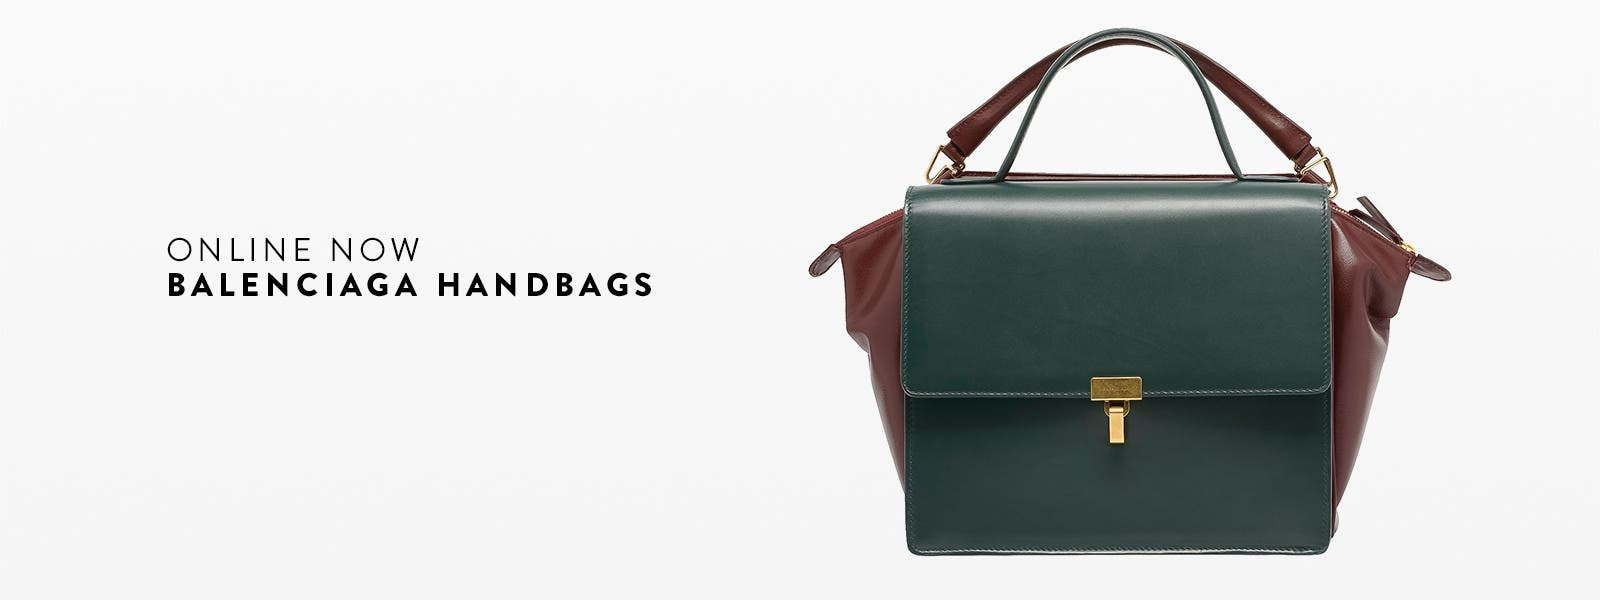 Online now: Balenciaga handbags.